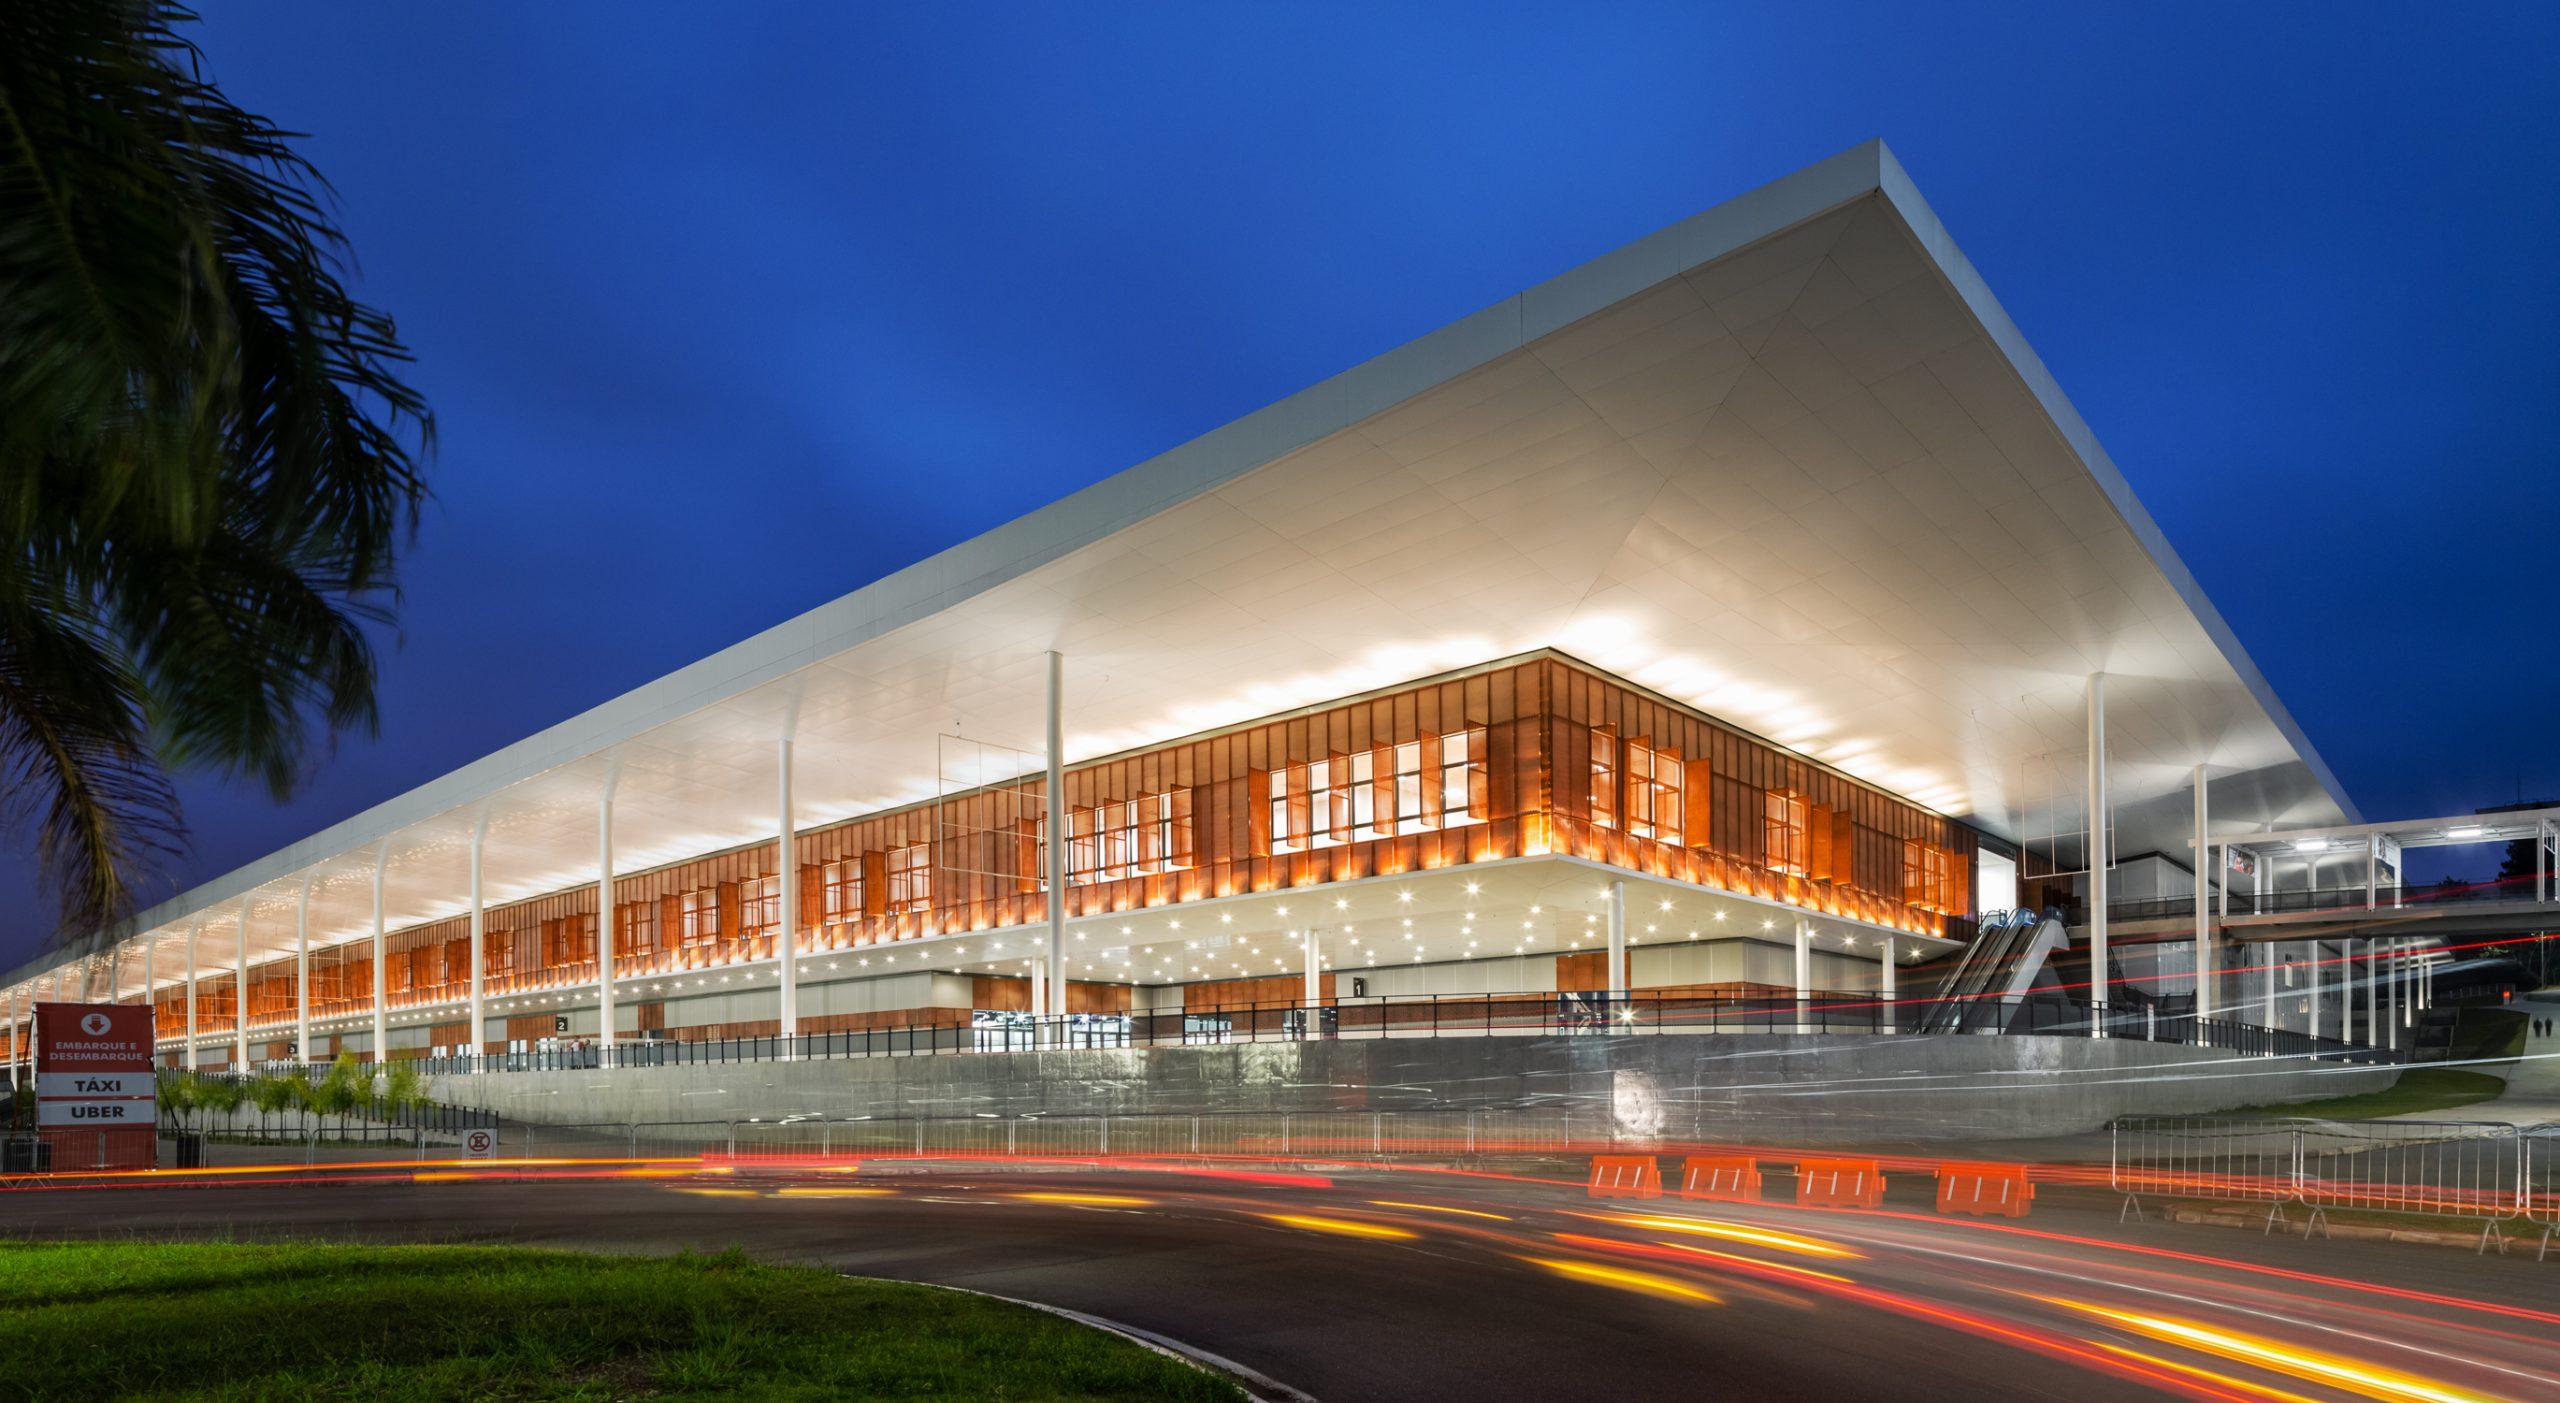 São Paulo Expo Exhibition & Convention Center